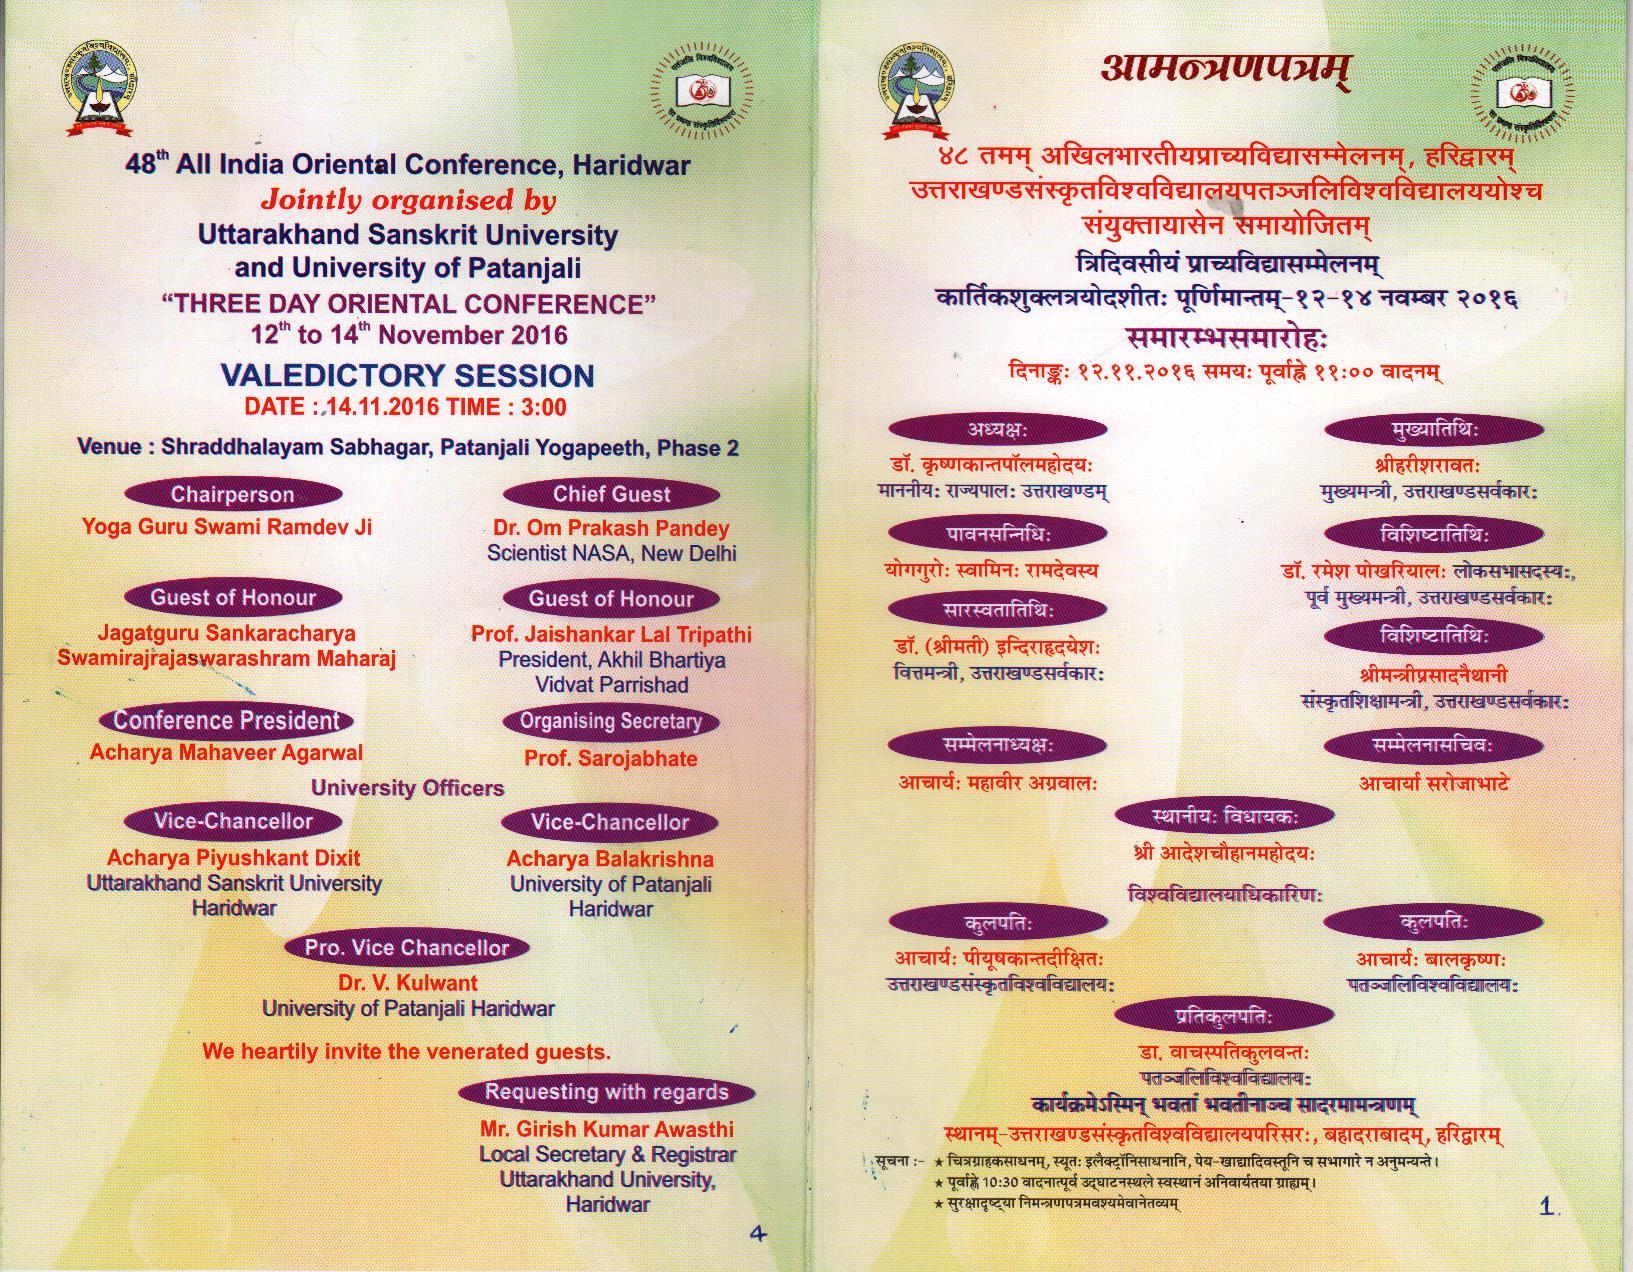 Uttarakhand sanskrit university invitation letter part 1 stopboris Images